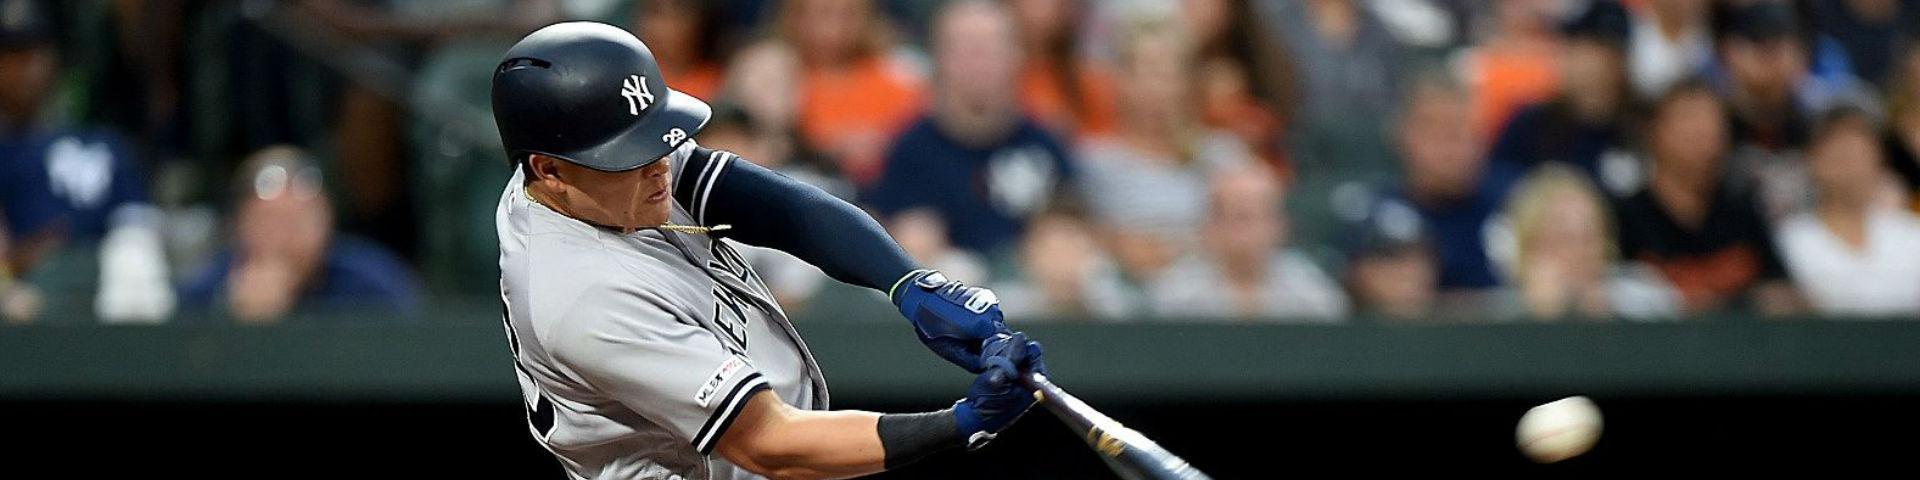 БК FanDuel стала беттинг-партнёром MLB